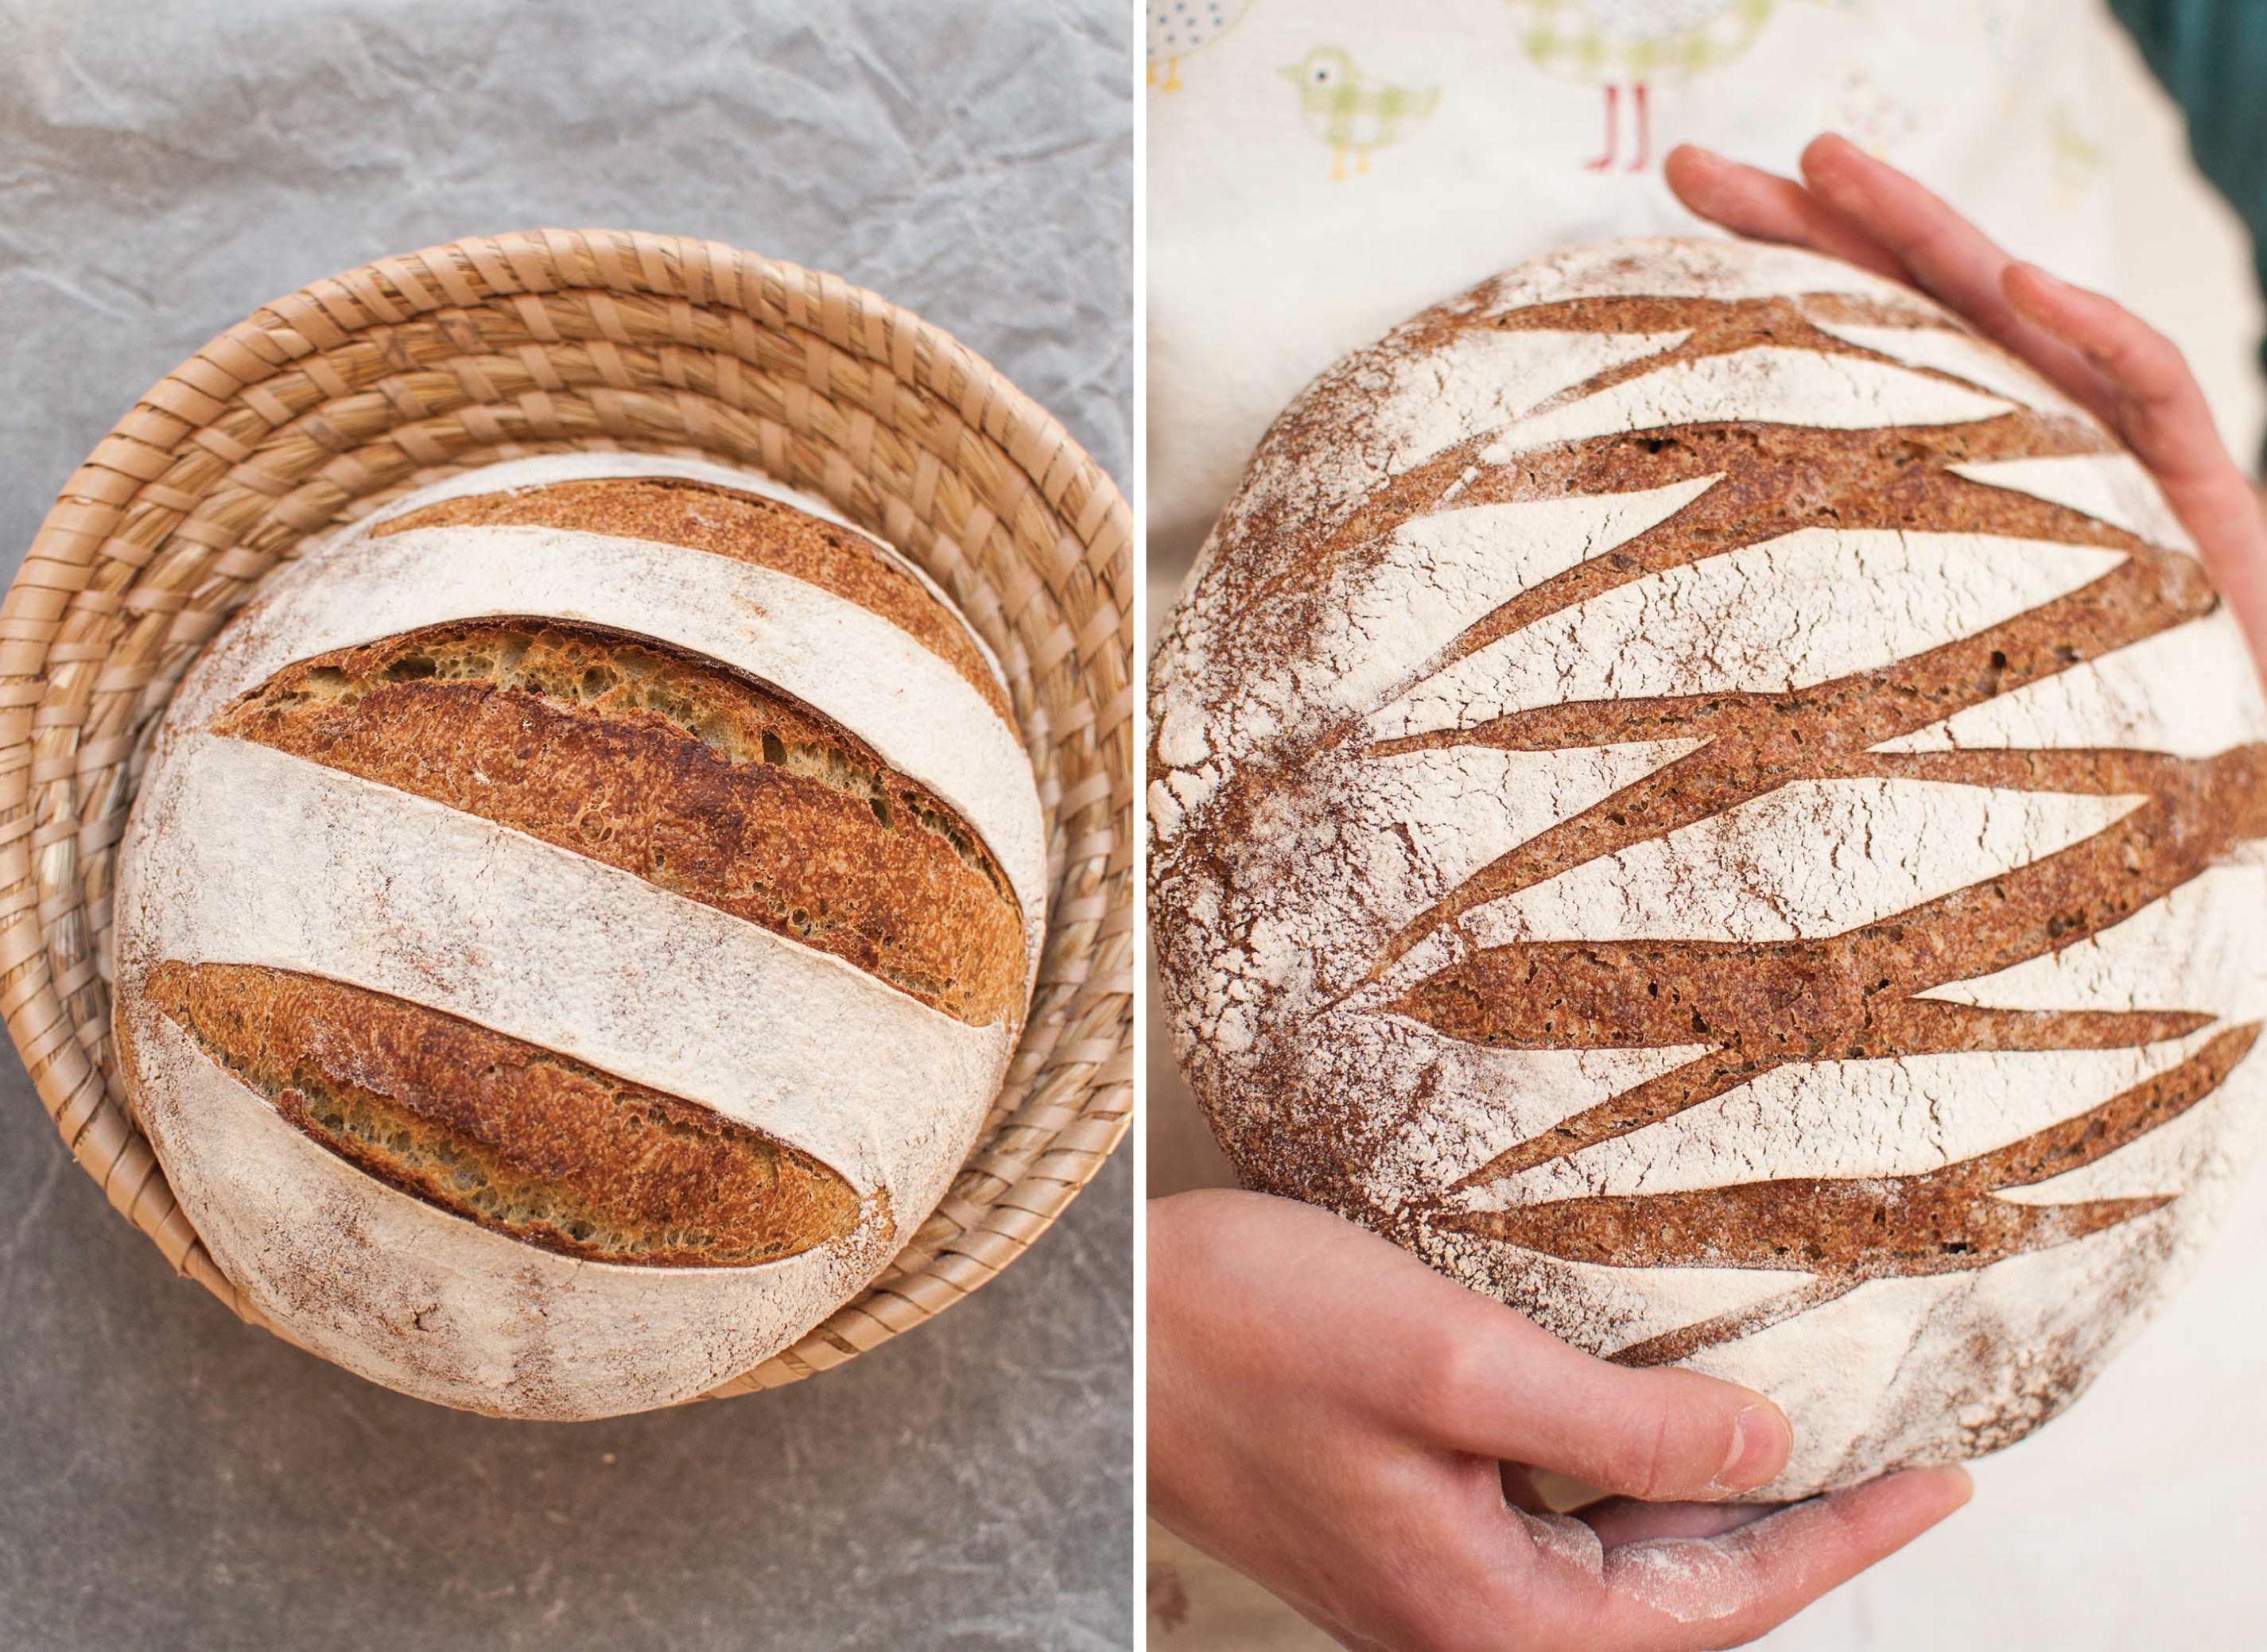 Whole Grain Sourdough Bread  whole grain wheat sourdough breads with wild garlic